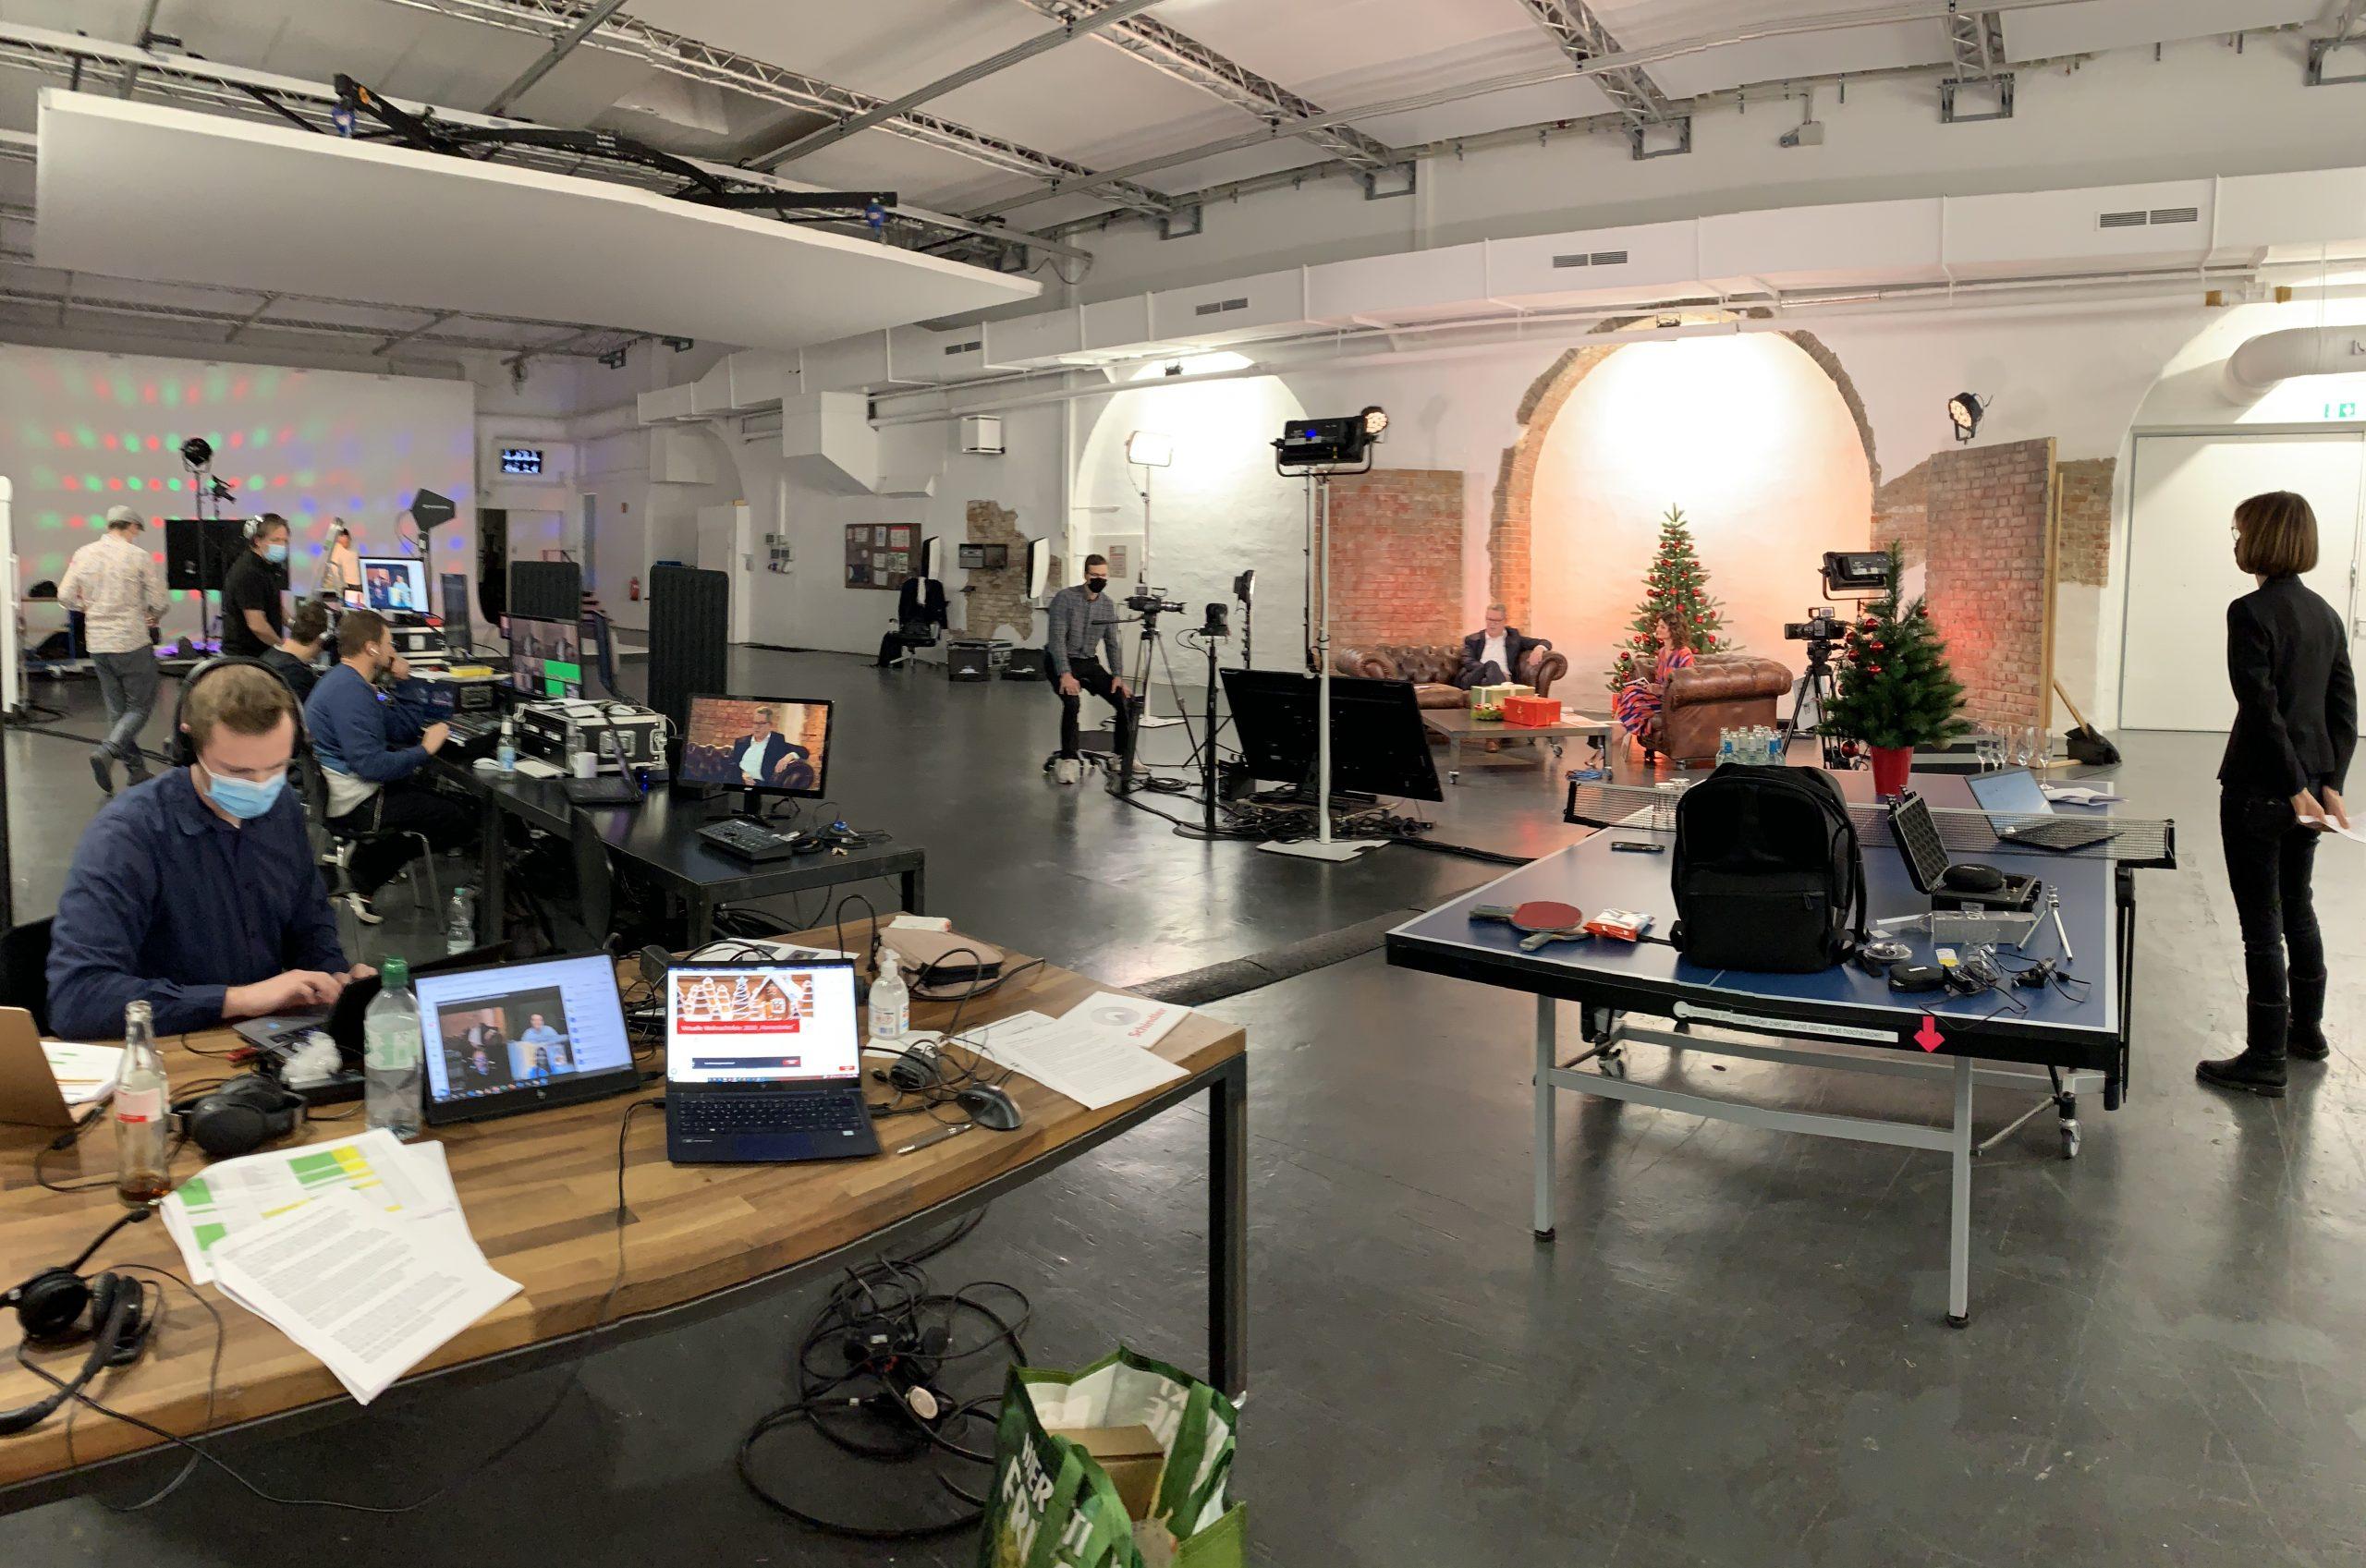 Einblick ins Studio während eines unserer virtuellen Events